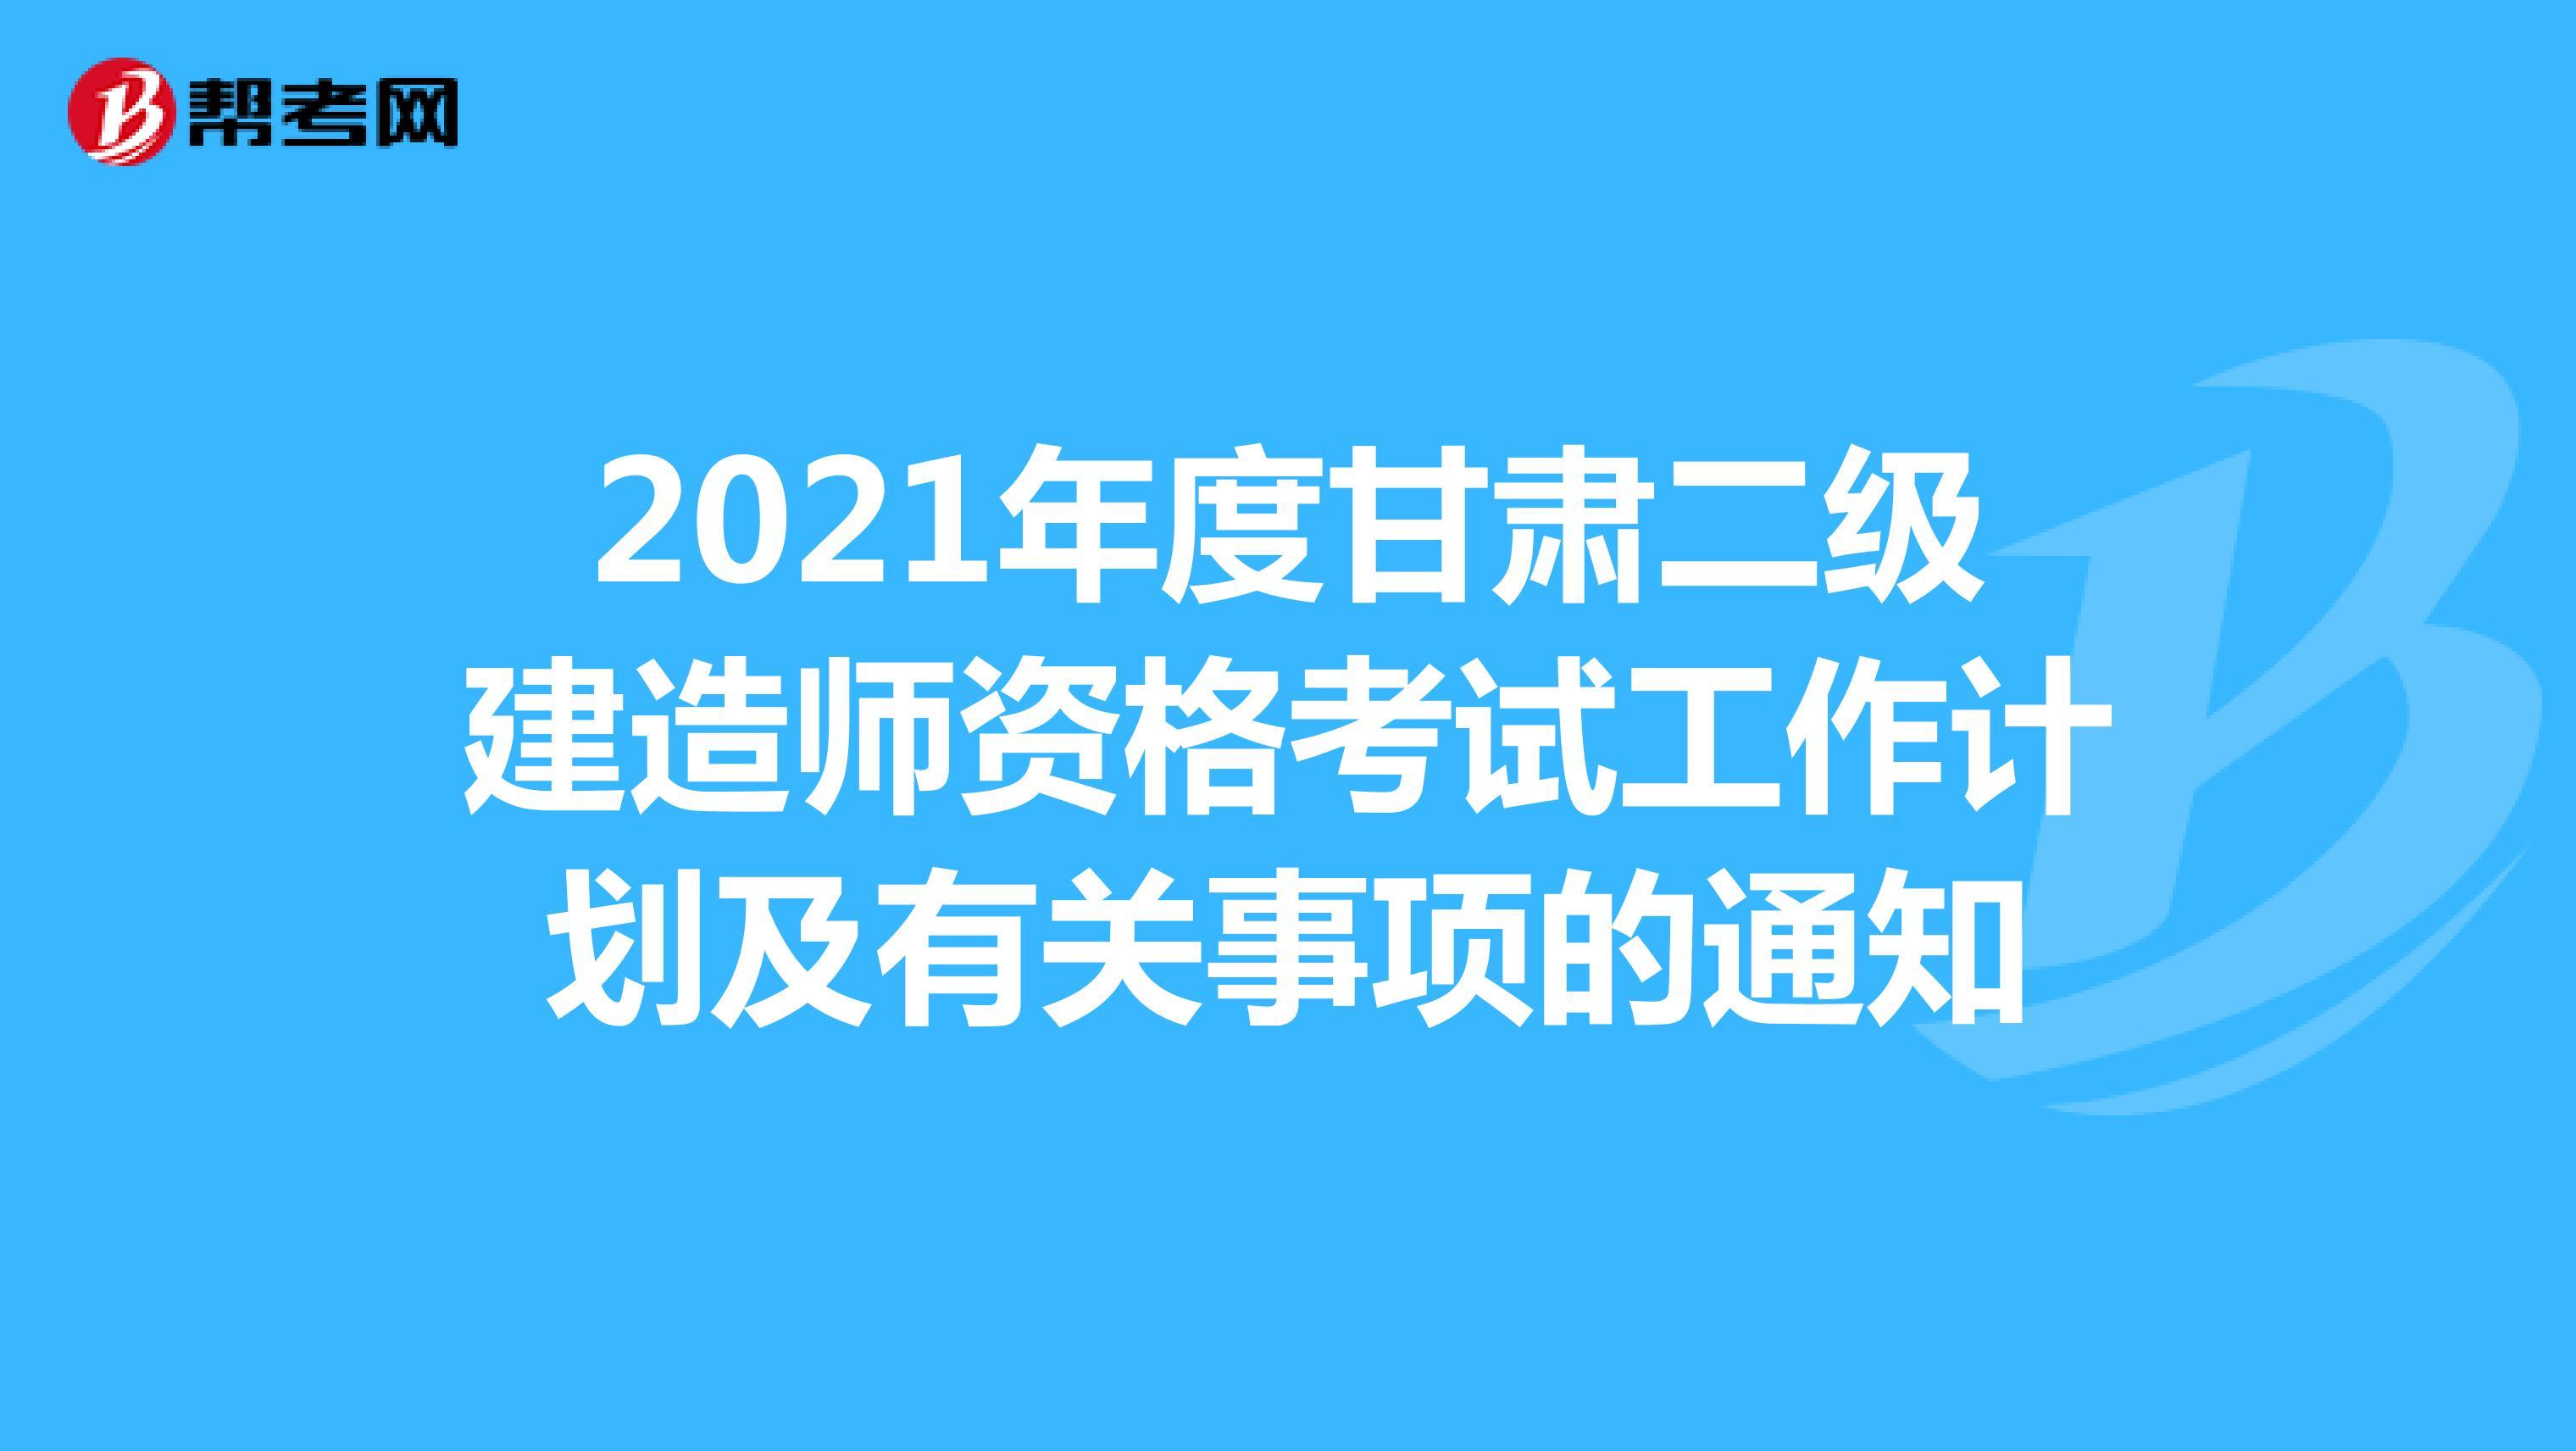 2021年度甘肅二級建造師資格考試工作計劃及有關事項的通知